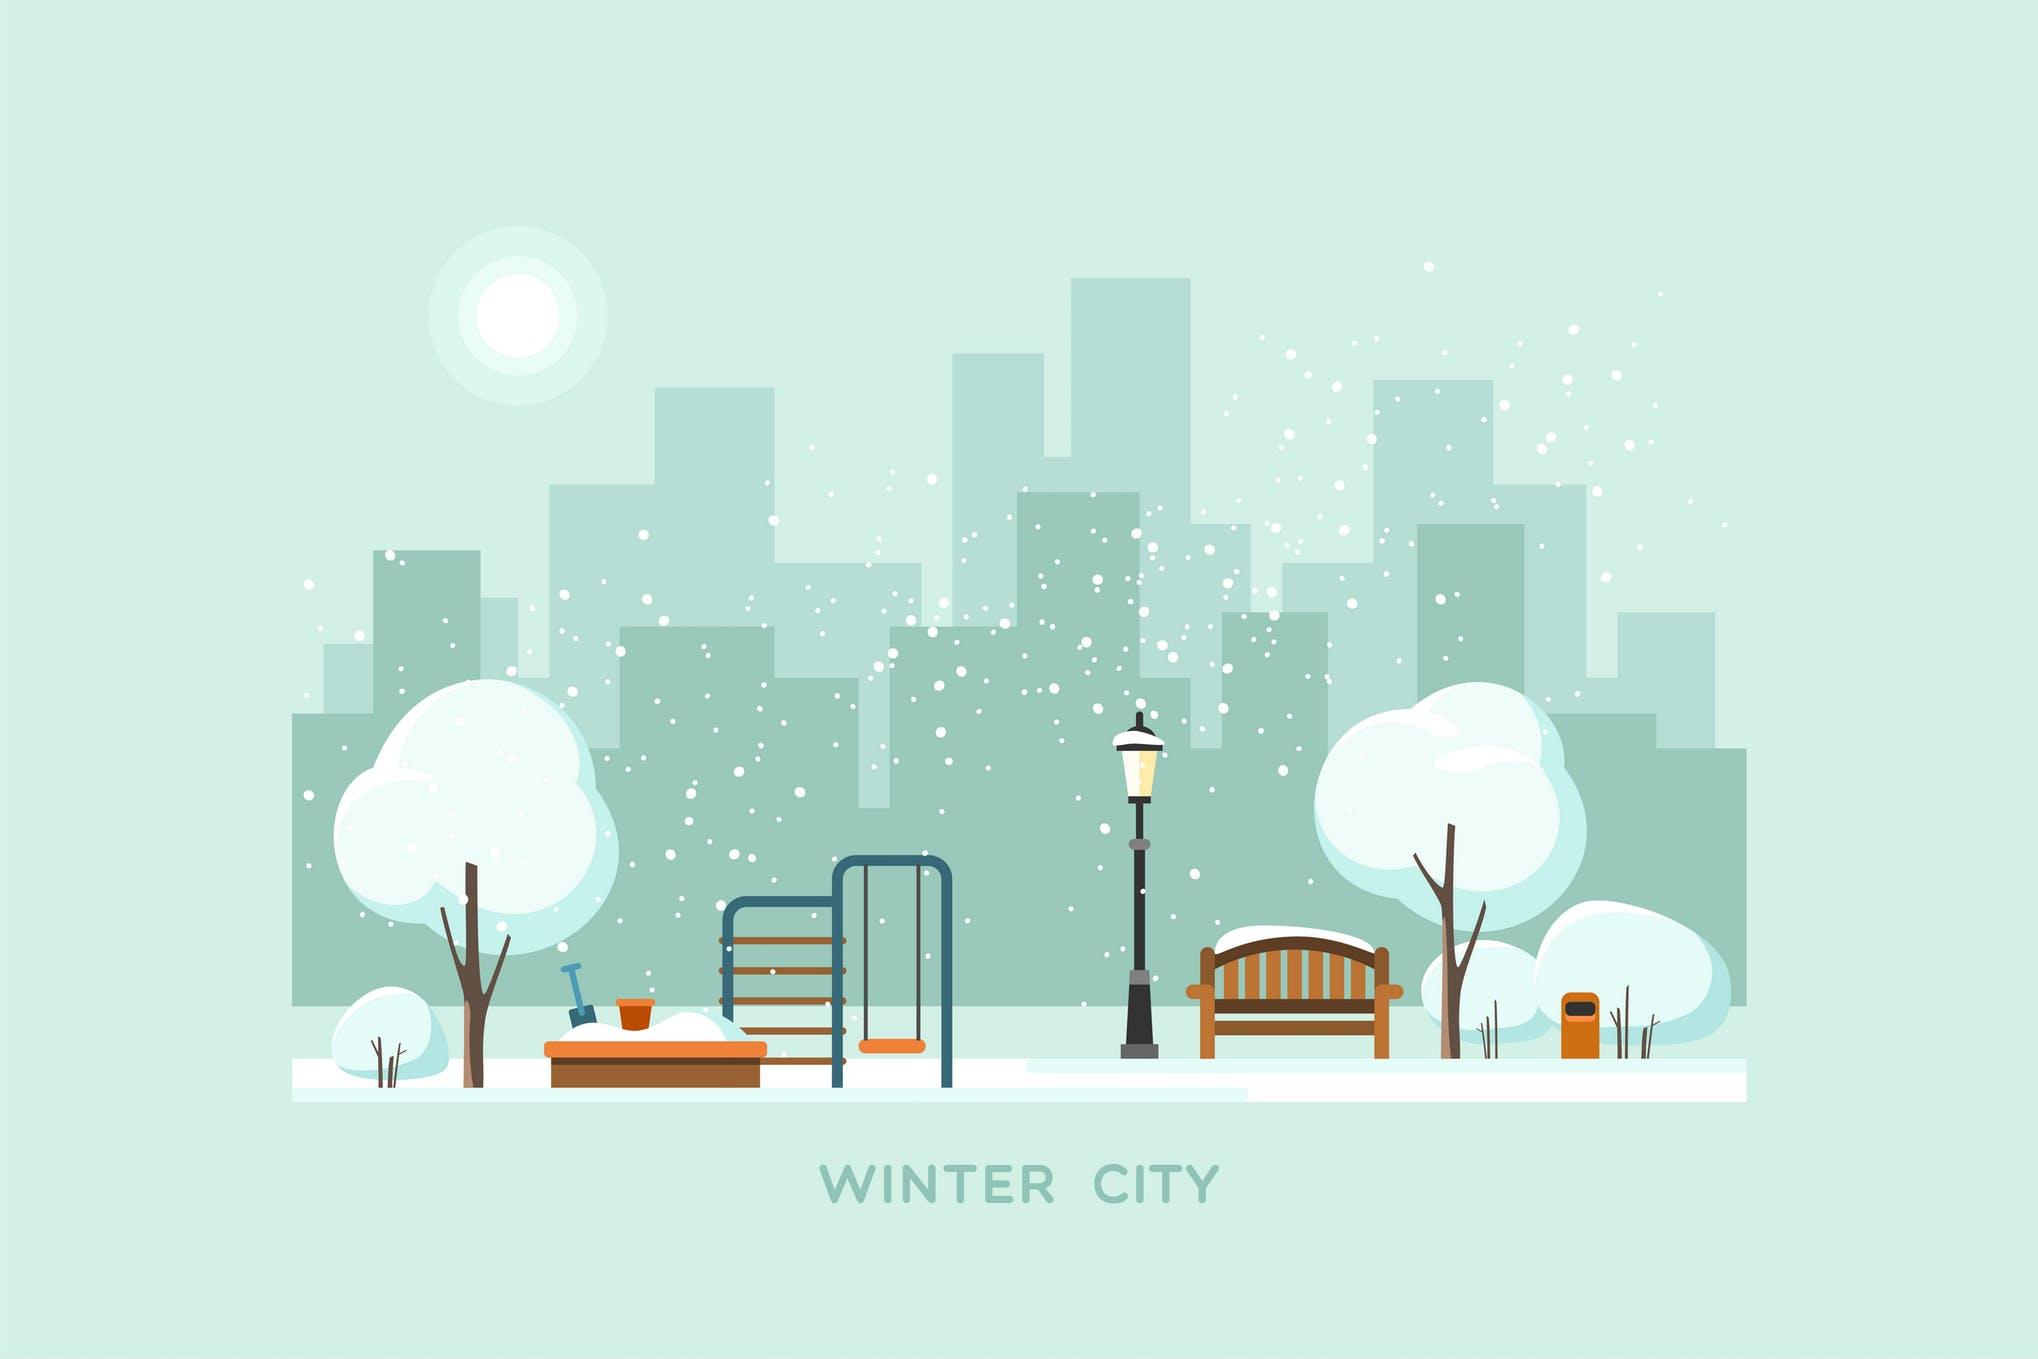 冬季的城市